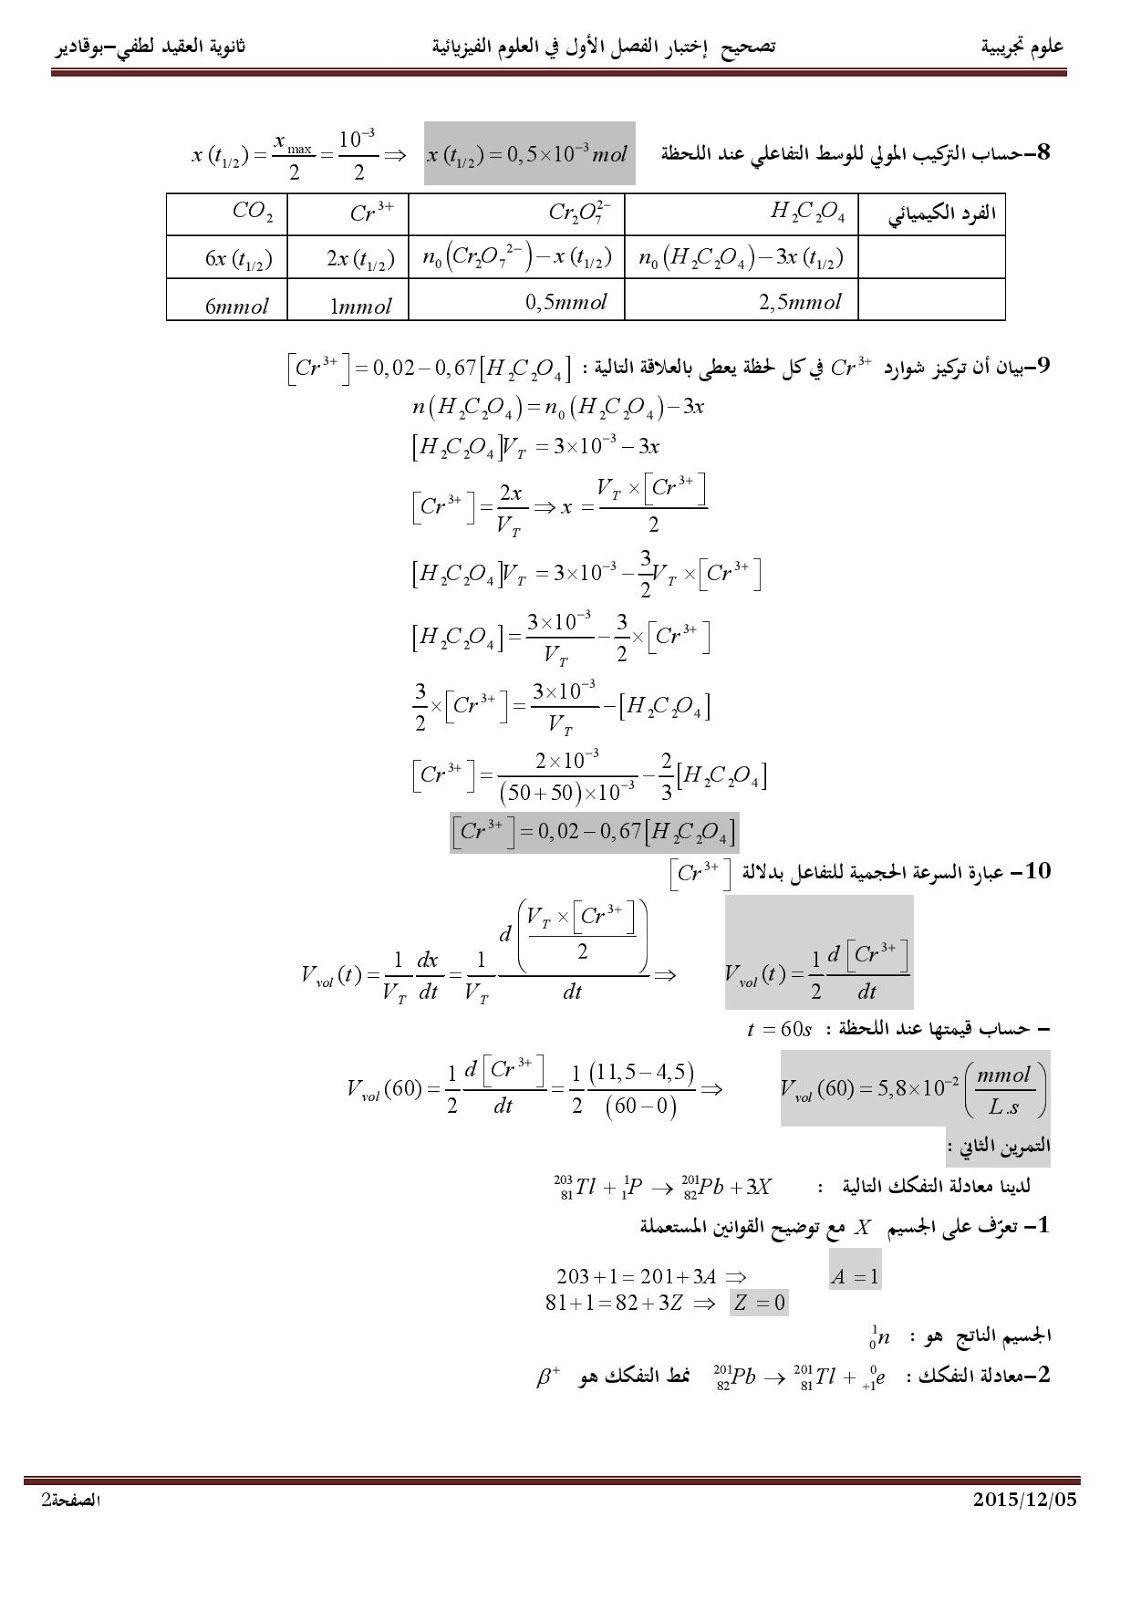 اختبار الفصل الاول في الفيزياء للسنة الثالثة ثانوي علوم تجريبية Physics Sheet Music Person